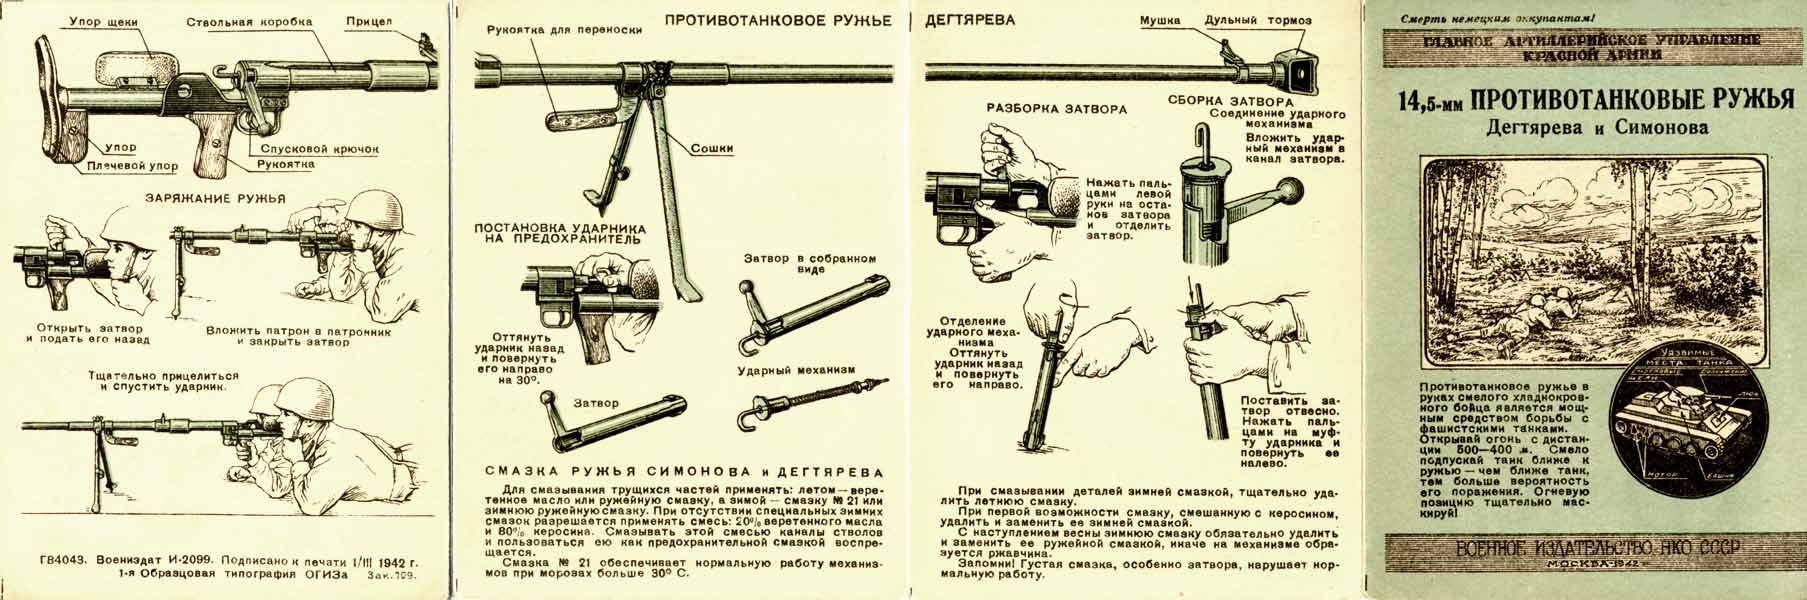 14,5 мм противотанковые ружья Дегтярева и Симонова